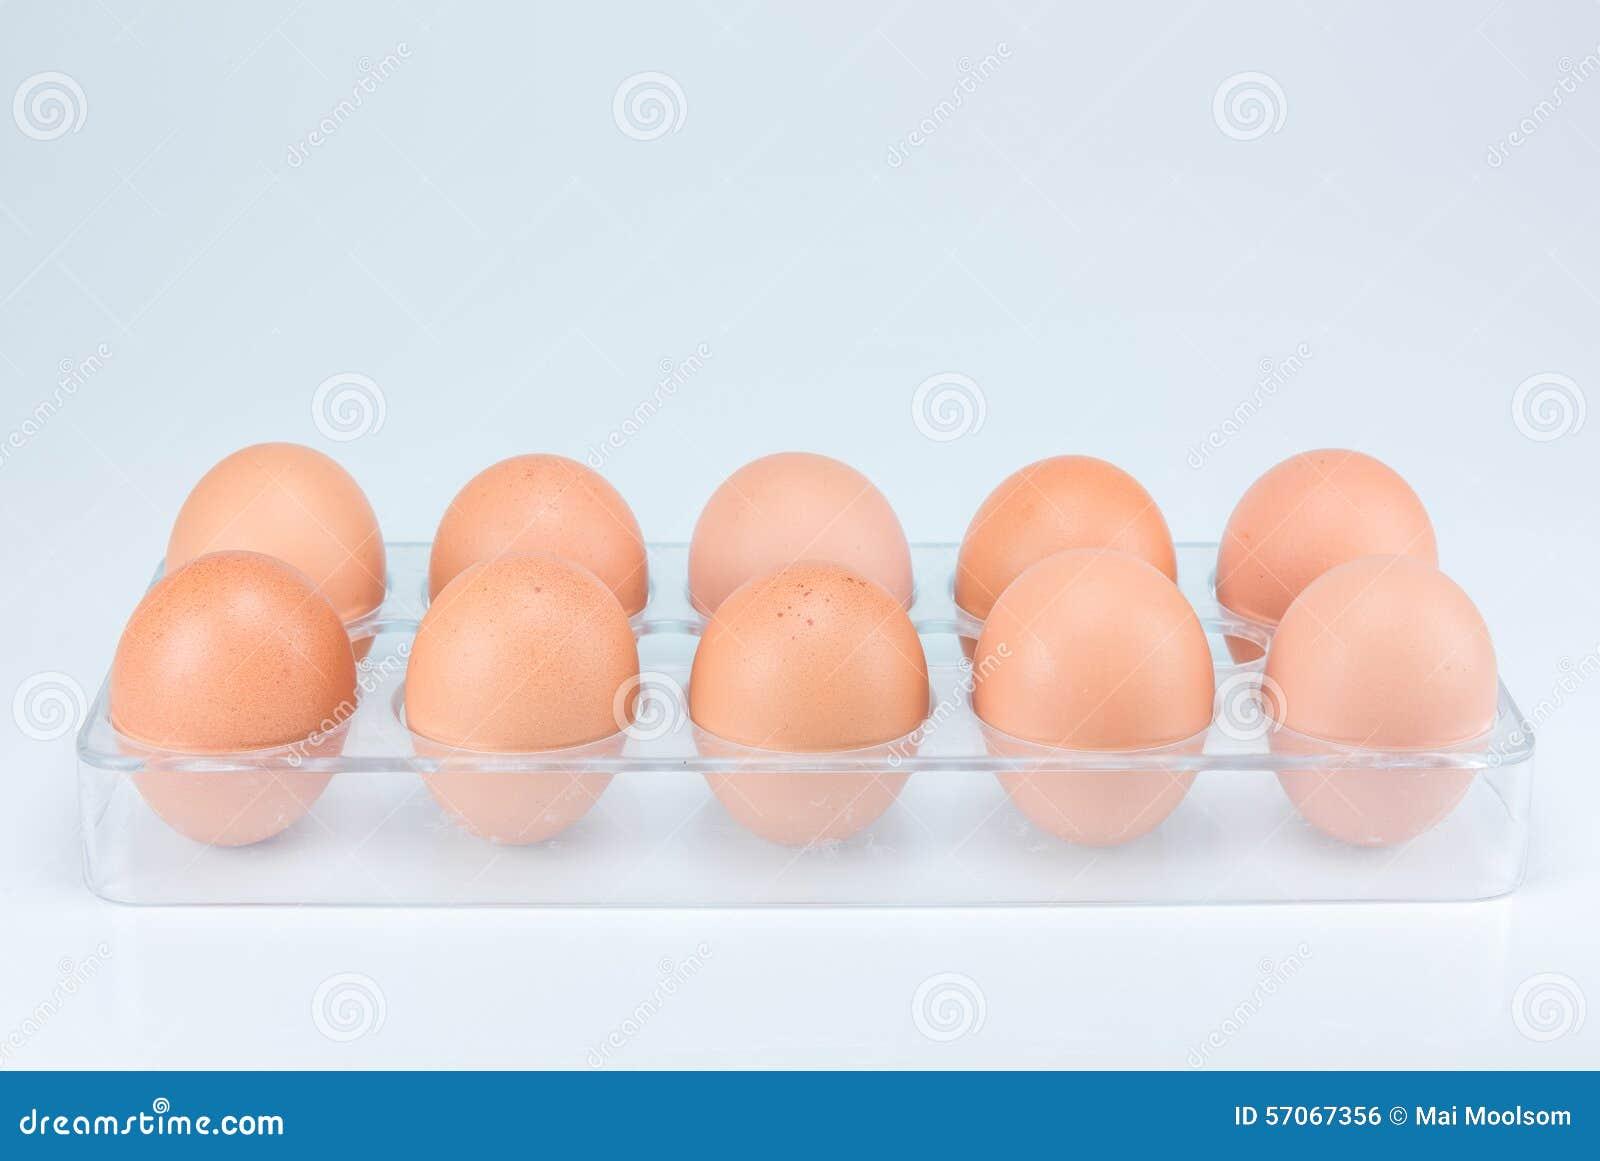 Ruwe eieren op witte achtergrond